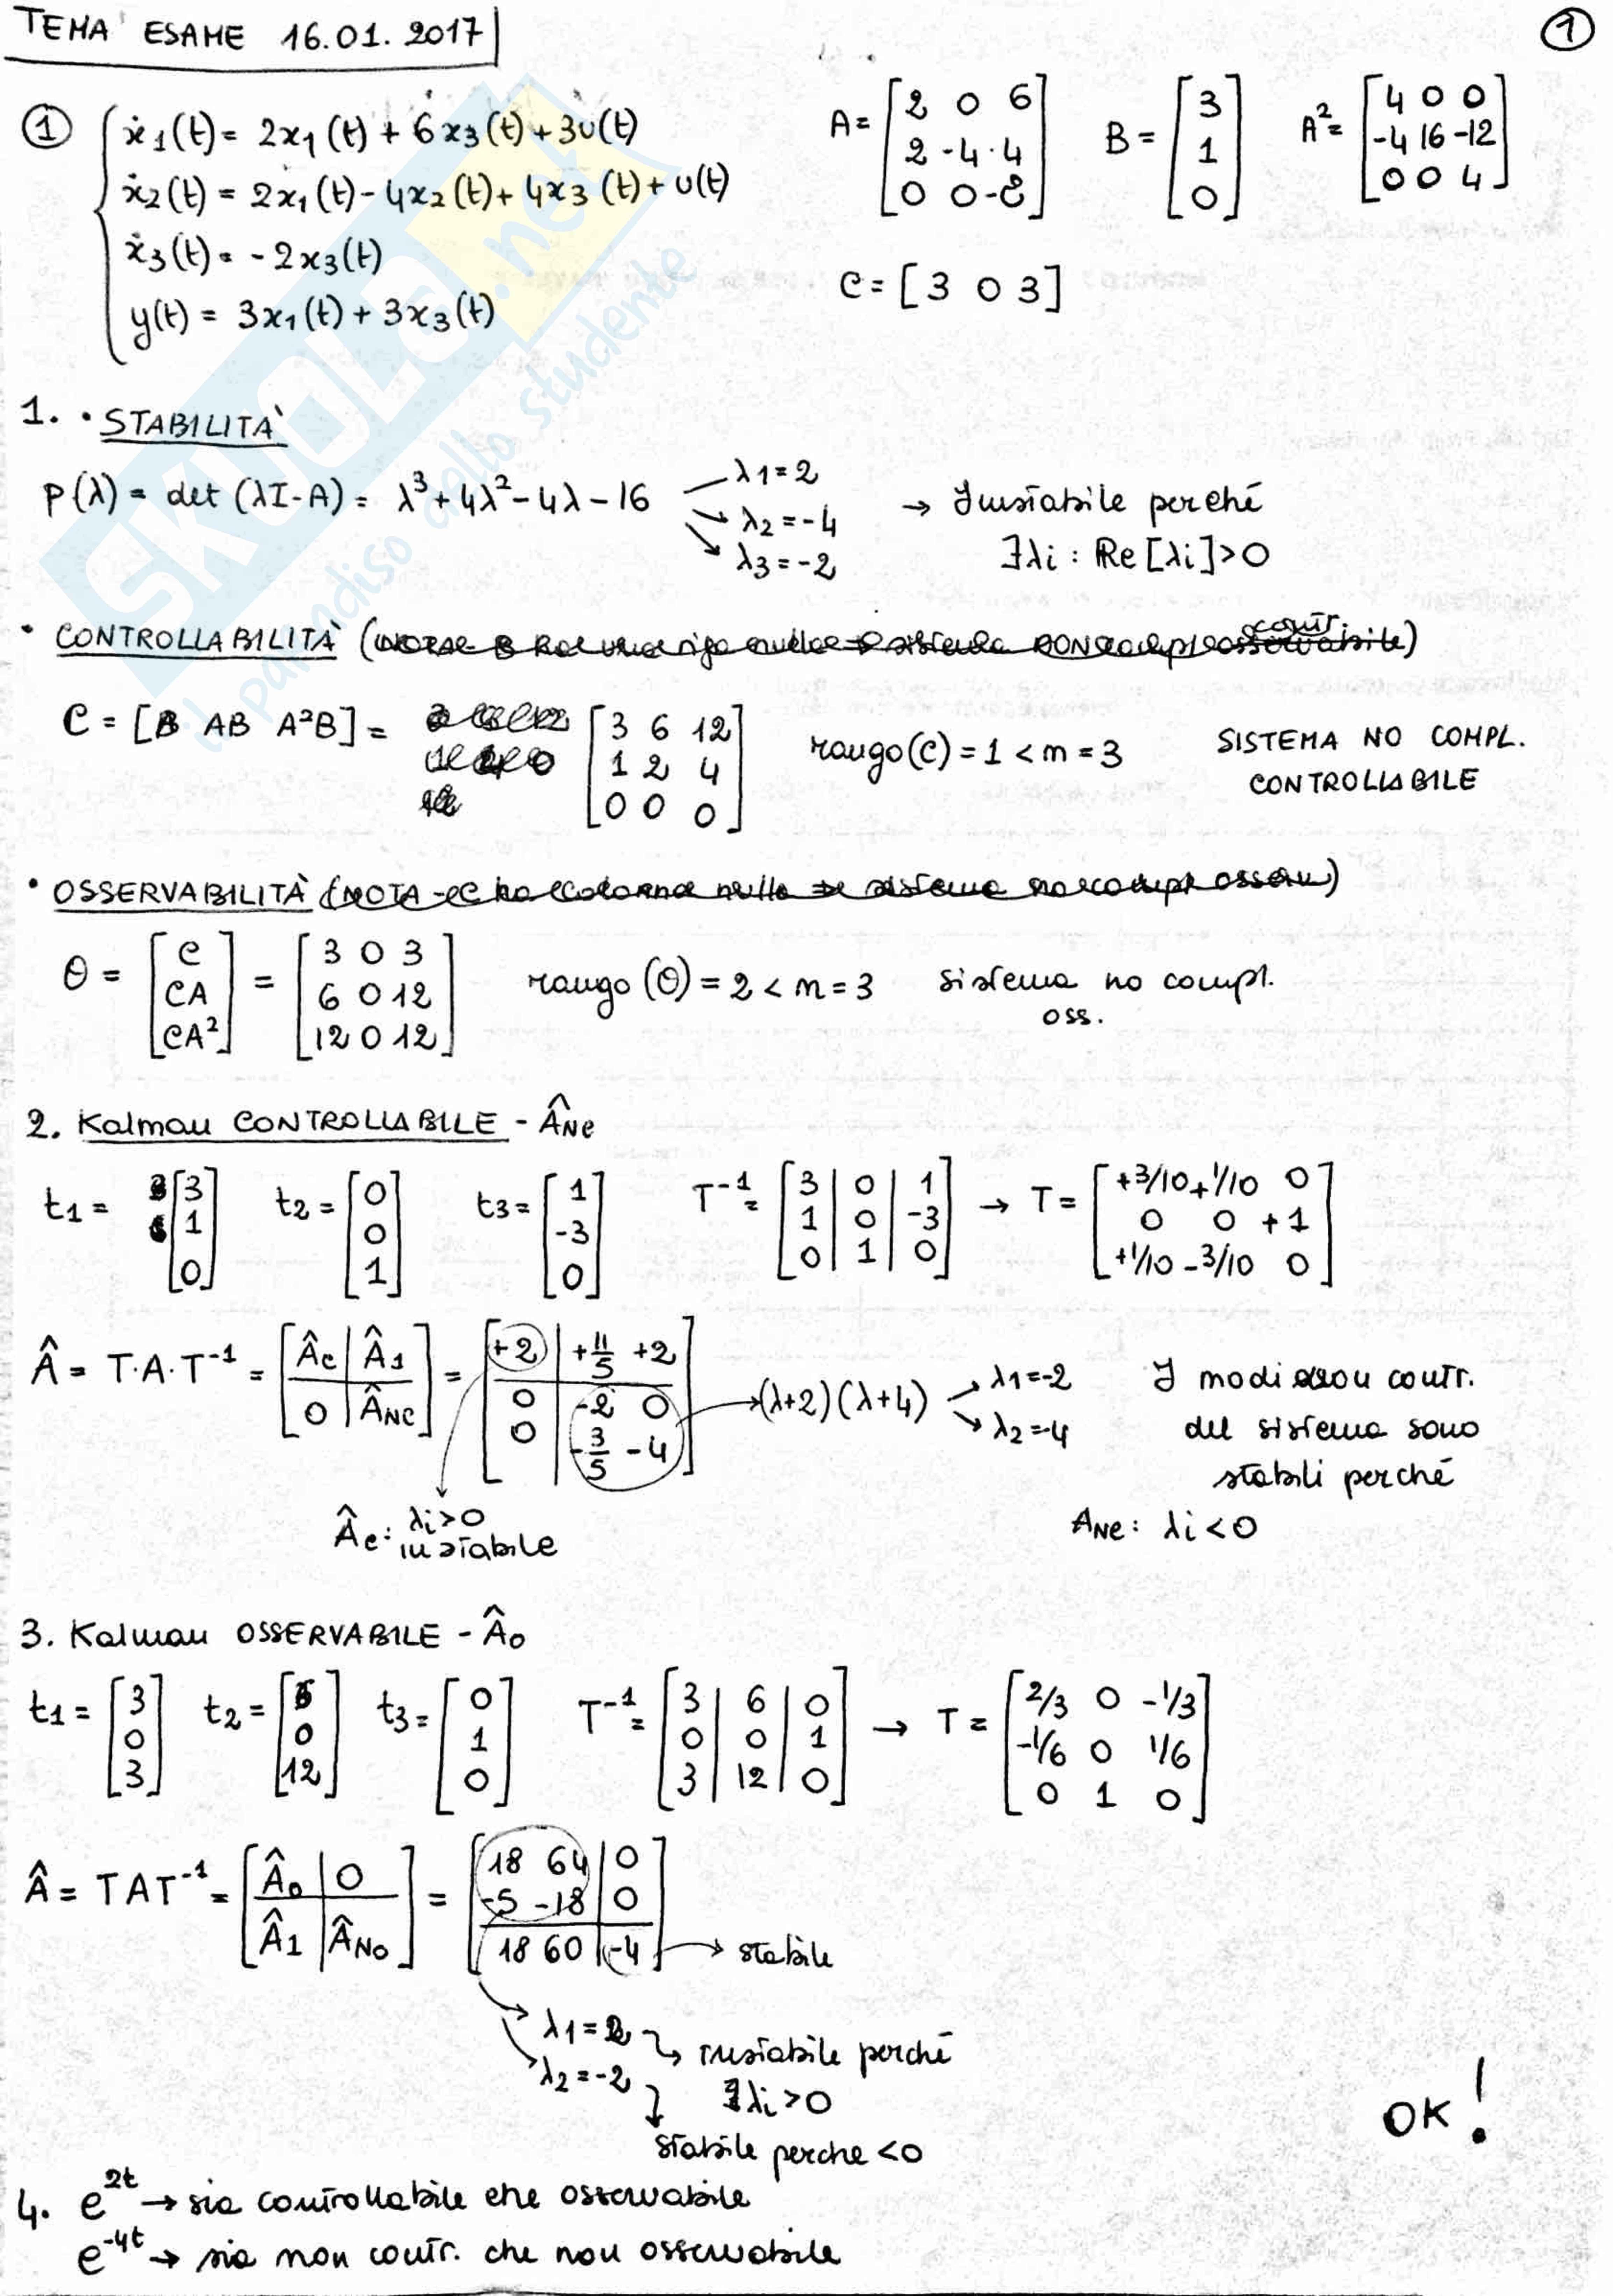 Fondamenti di Automatica, Monteriù - Teoria + esempi + esami svolti Pag. 96